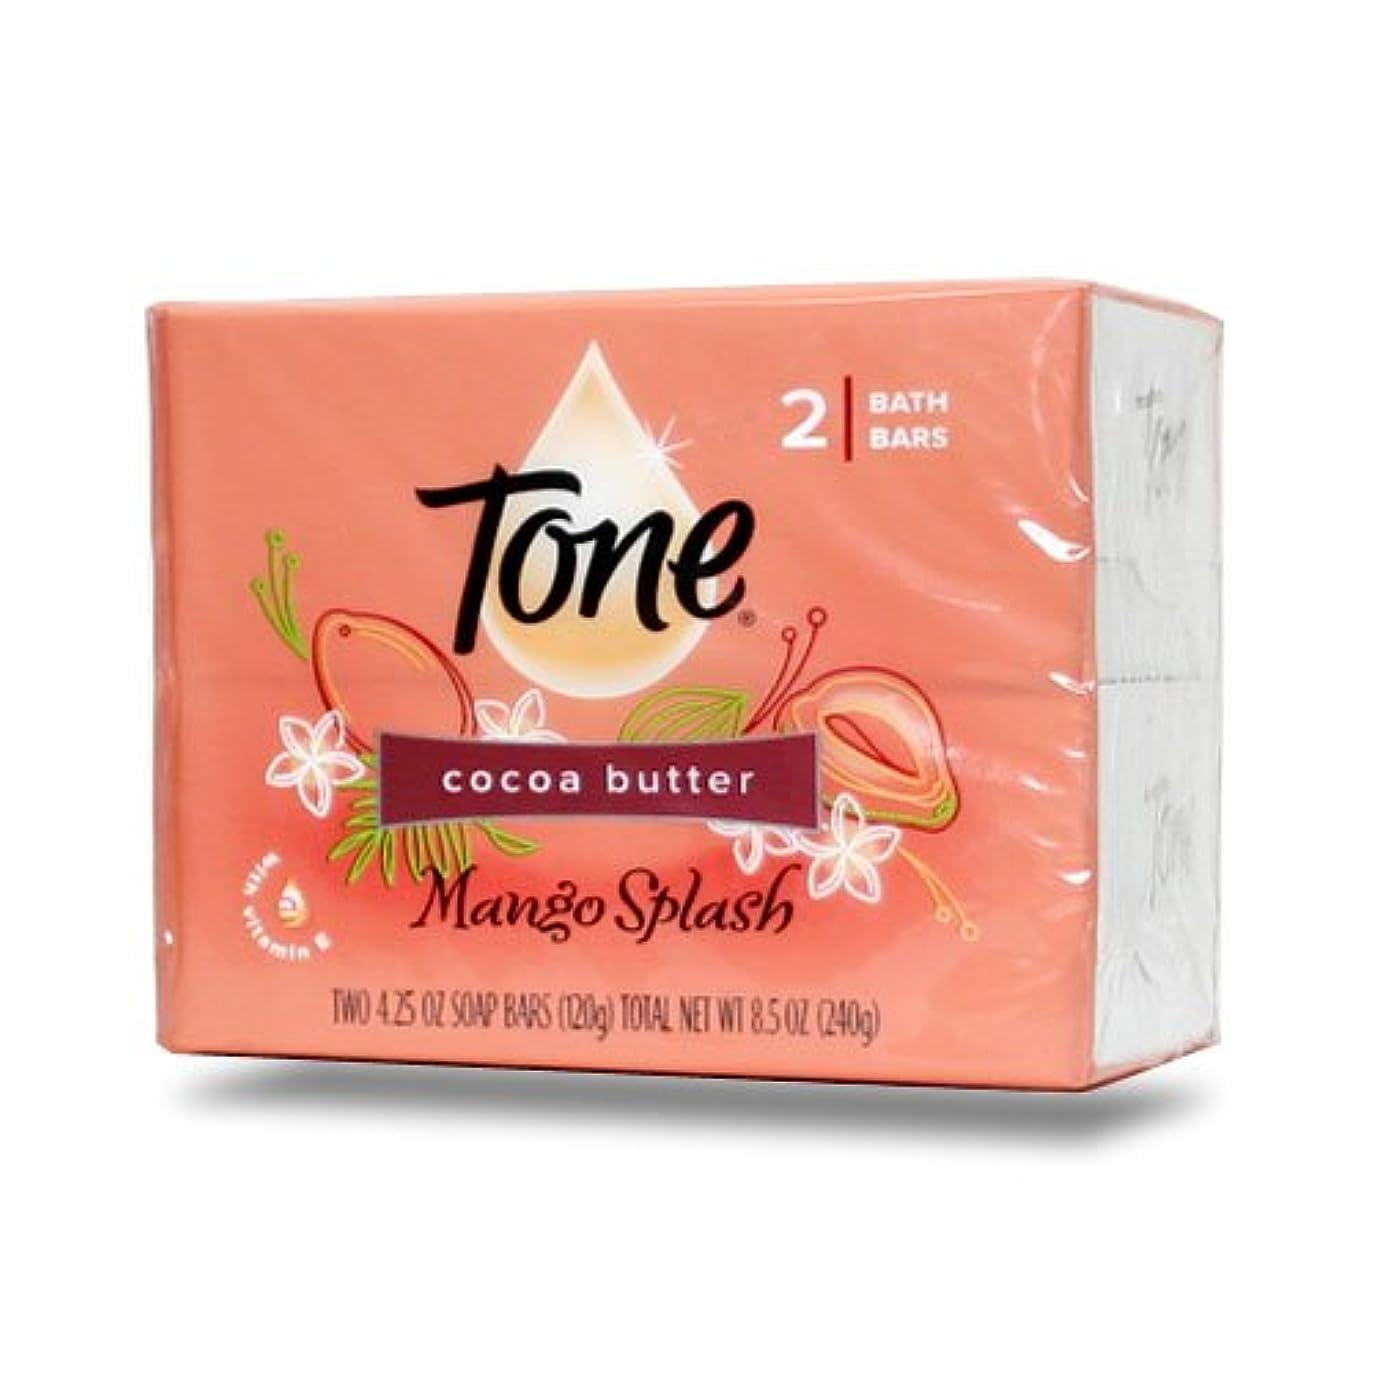 環境に優しいカメラテレビ局【Tone】トーン石鹸(マンゴスプラッシュ)120g×2個パック